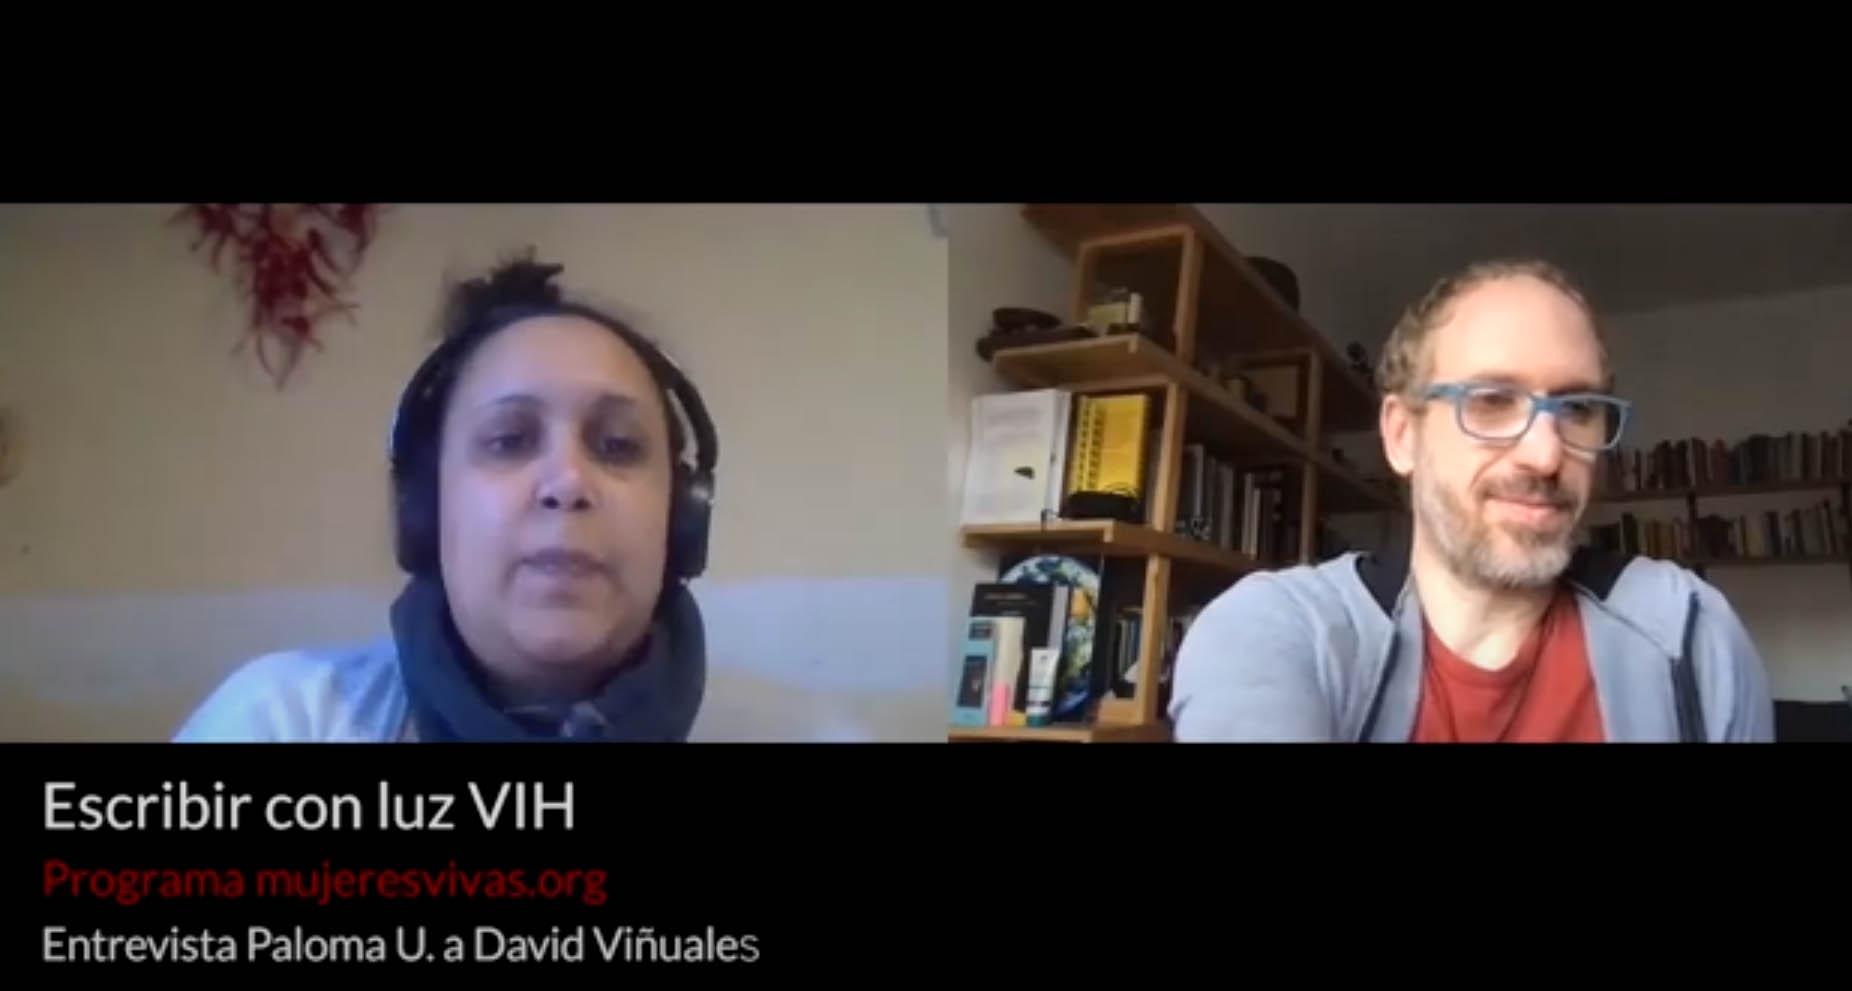 Entrevista. Fotografía terapéutica y fotología, en el proyecto Escribir con Luz VIH de Paloma U.